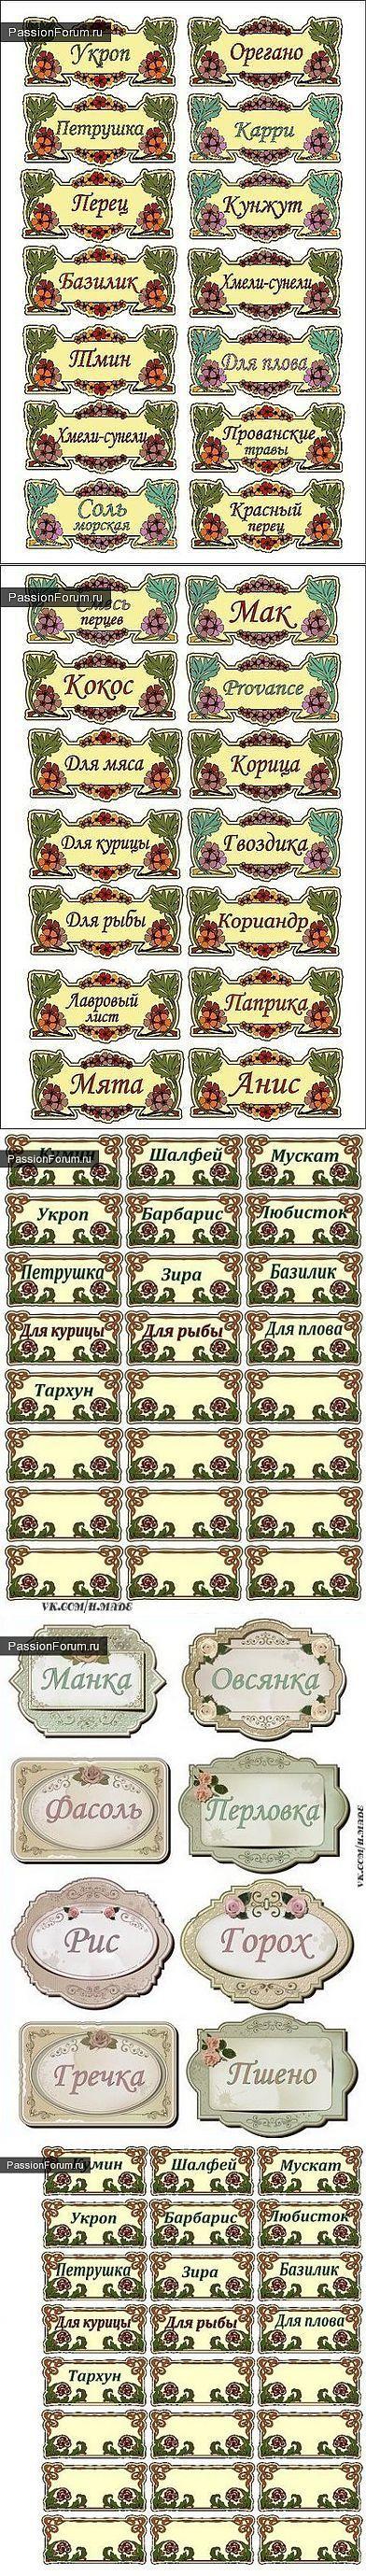 Этикетки для специй. / Картинки для декупажа / PassionForum - мастер-классы по рукоделию